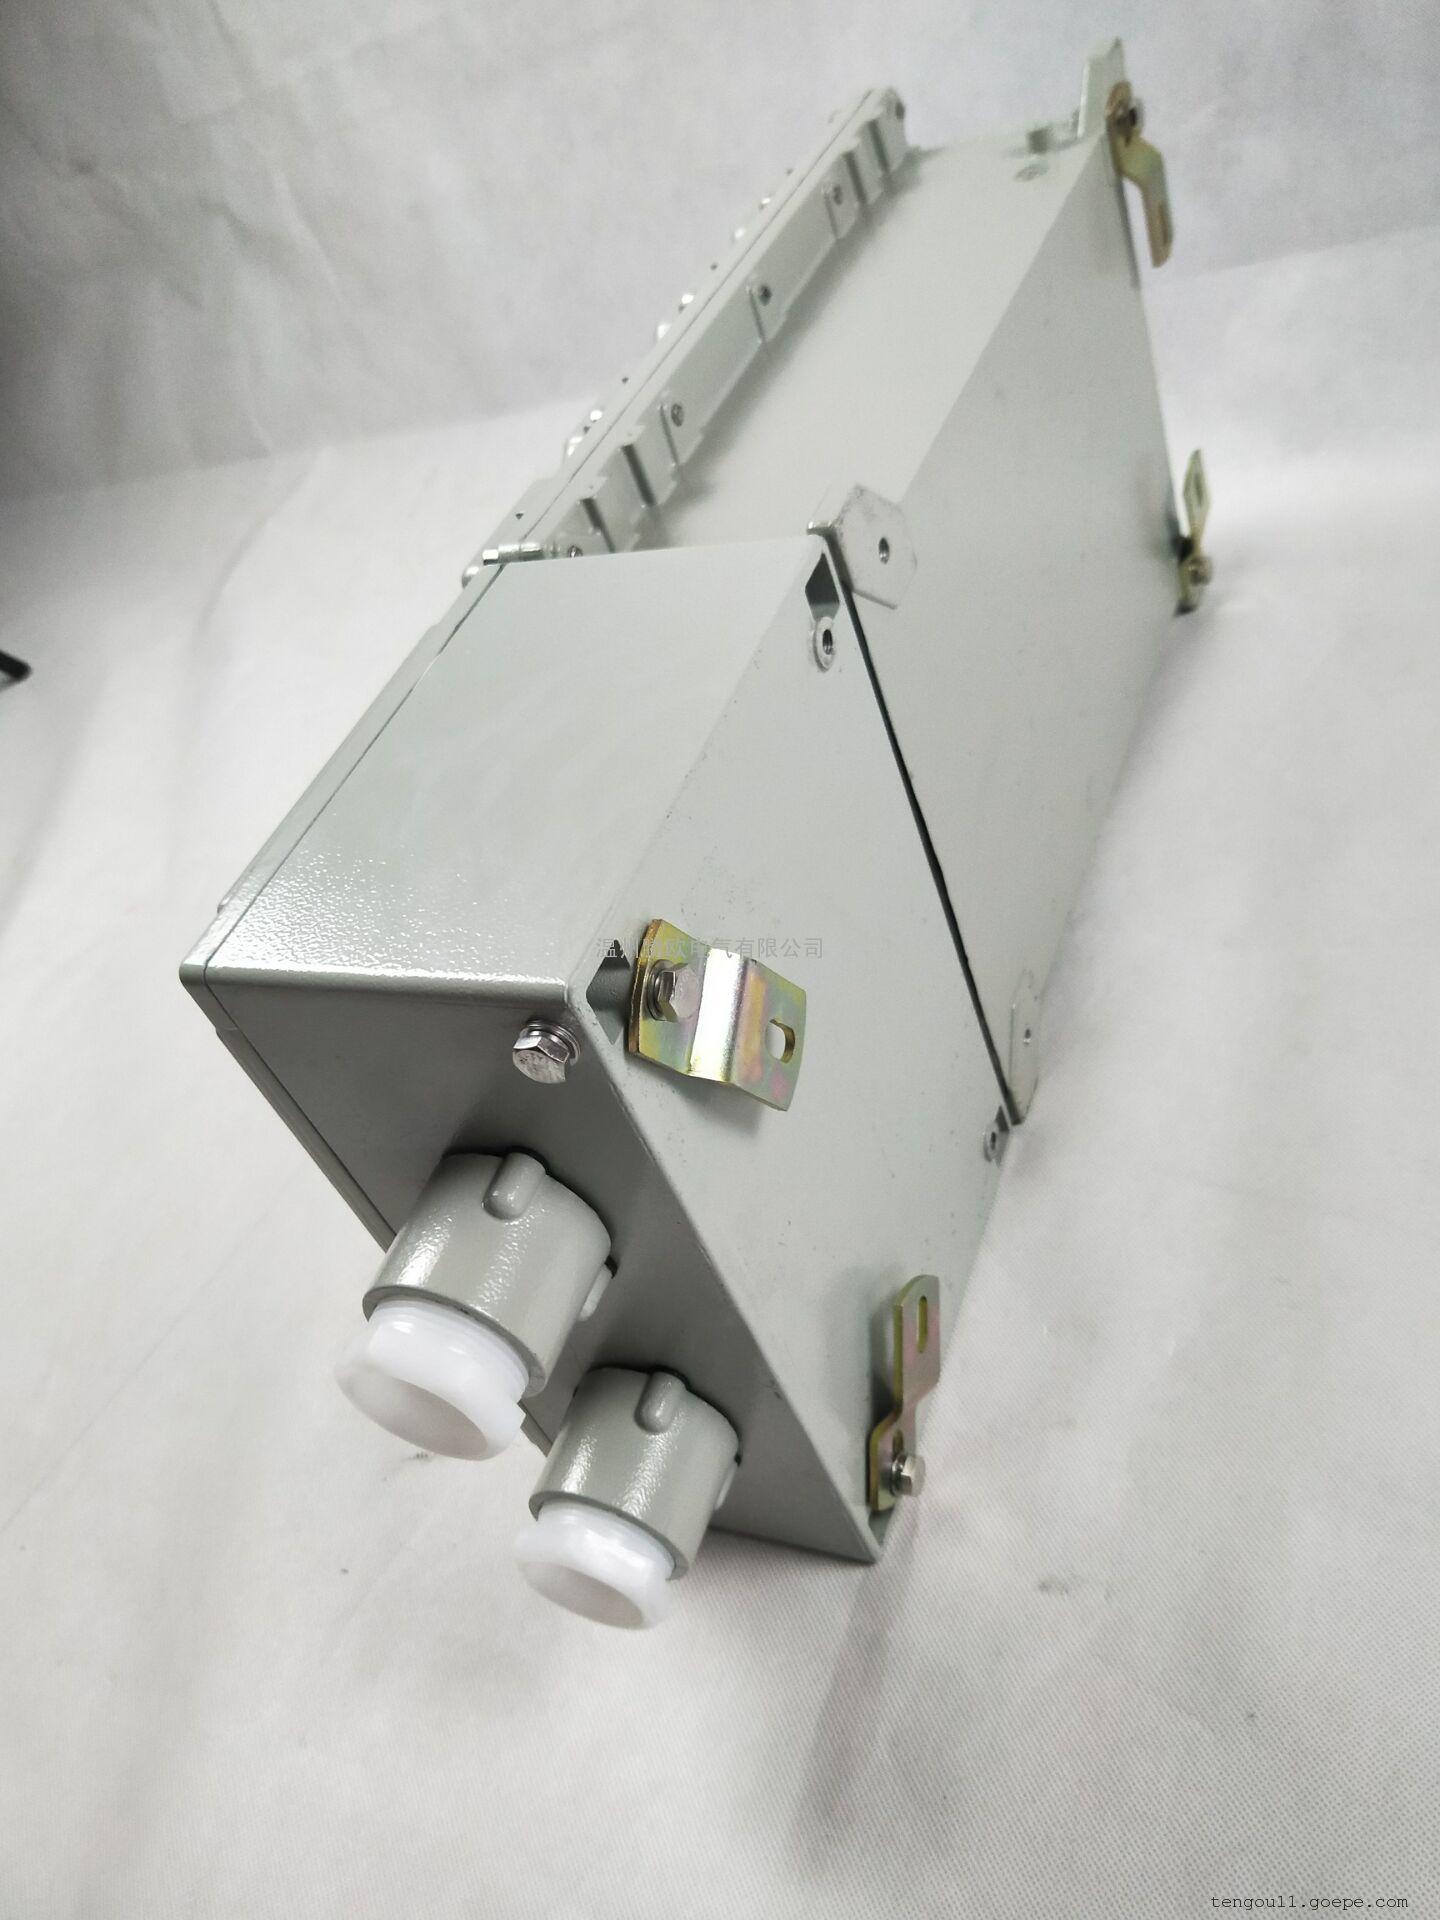 BXMD51-正泰防爆开关箱63A/3P空气开关防爆动力配电箱厂家